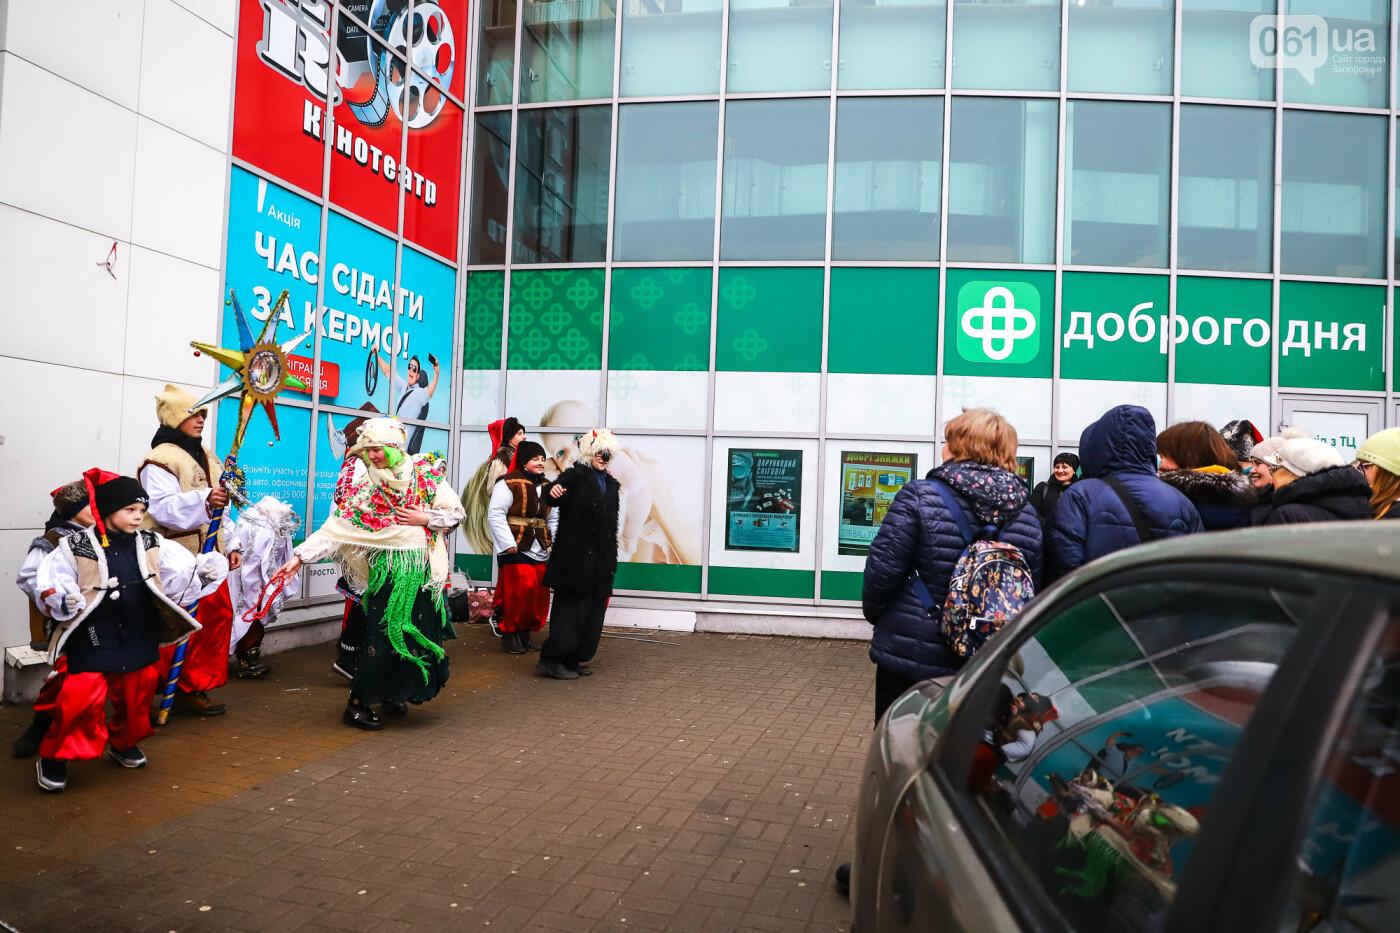 Нечистая сила против казаков: на улицах Запорожья показывали Рождественский вертеп, - ФОТО, ВИДЕО  , фото-11